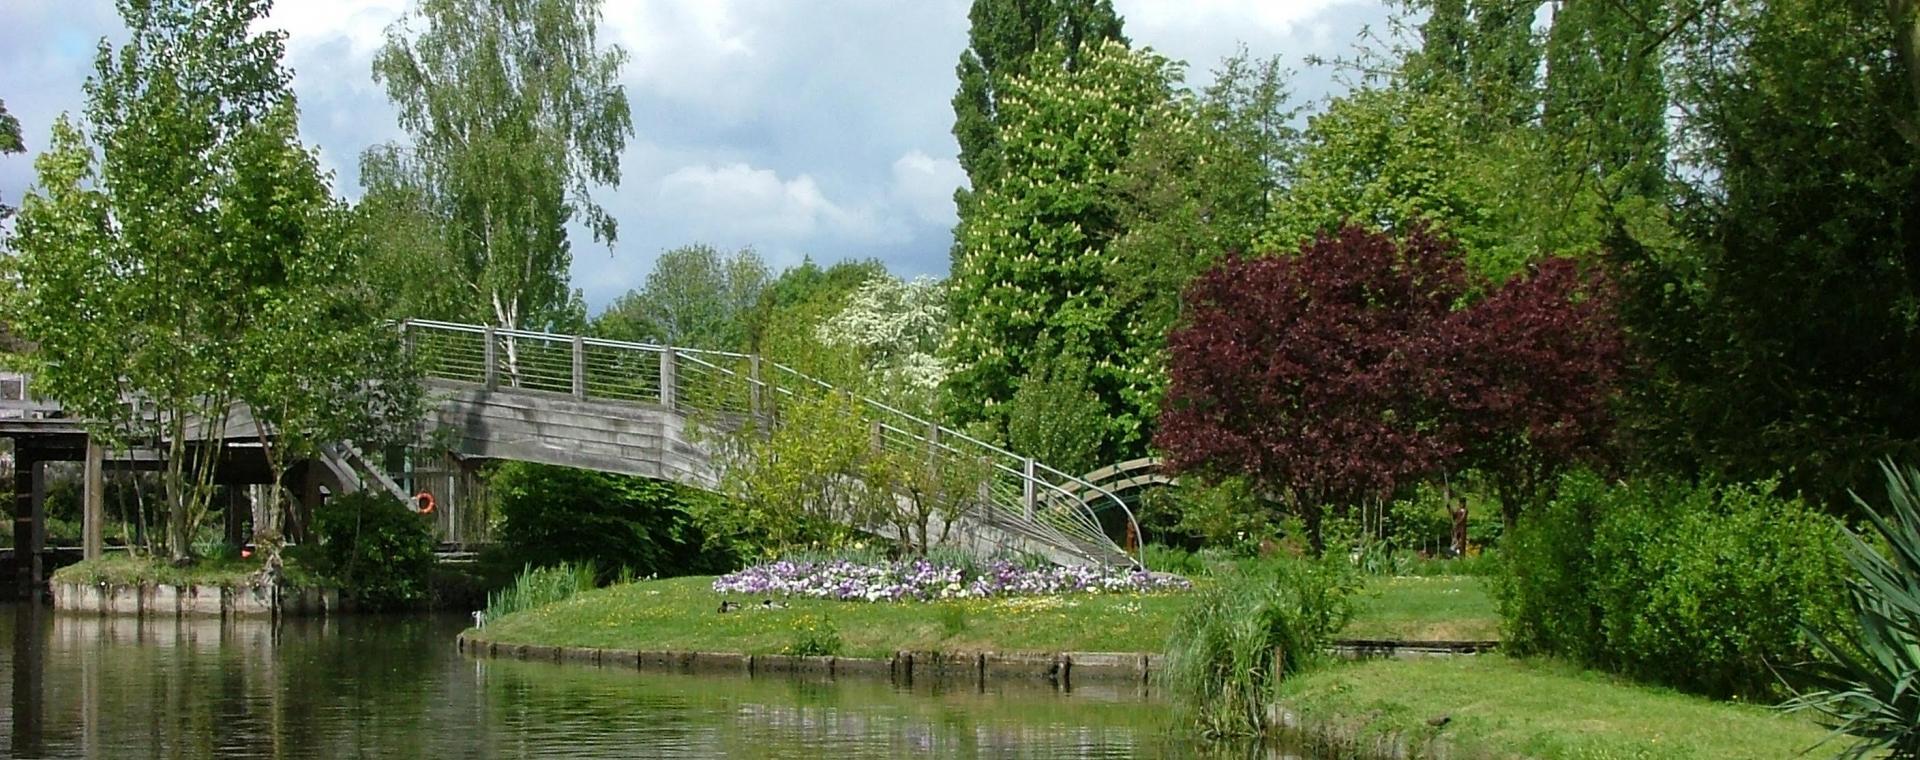 Vu les canaux des Hortillonnages. En arrière plan une passerelle en bois enjambant le canal.